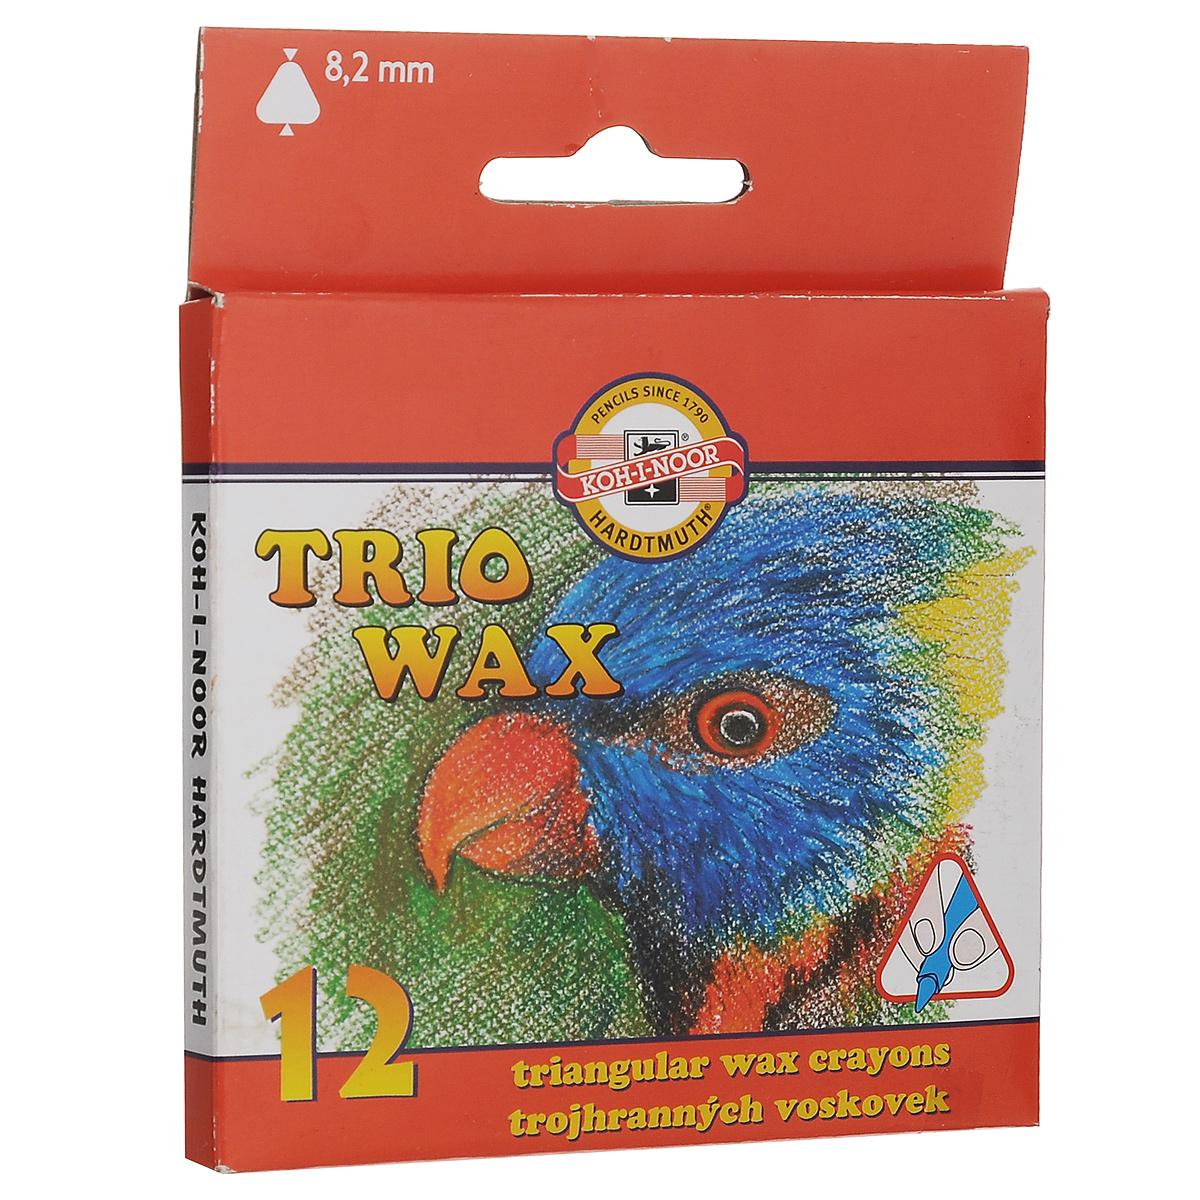 Пастель восковая Koh-i-Noor Trio Wax, трехгранная, 12 цветов8272/12Восковая пастель Koh-i-Noor Trio Wax представляет собой восковые карандаши. Основу замеса восковой пастели составляют воск высшего качества и пигменты. Предназначена пастель для детского творчества. Изделия не содержат токсичных материалов и безопасны для здоровья. Пастель выполнена в удобной трехгранной форме. Количество цветов: 12. Длина пастели: 8,8 см. Размер: 8 мм х 8 мм.